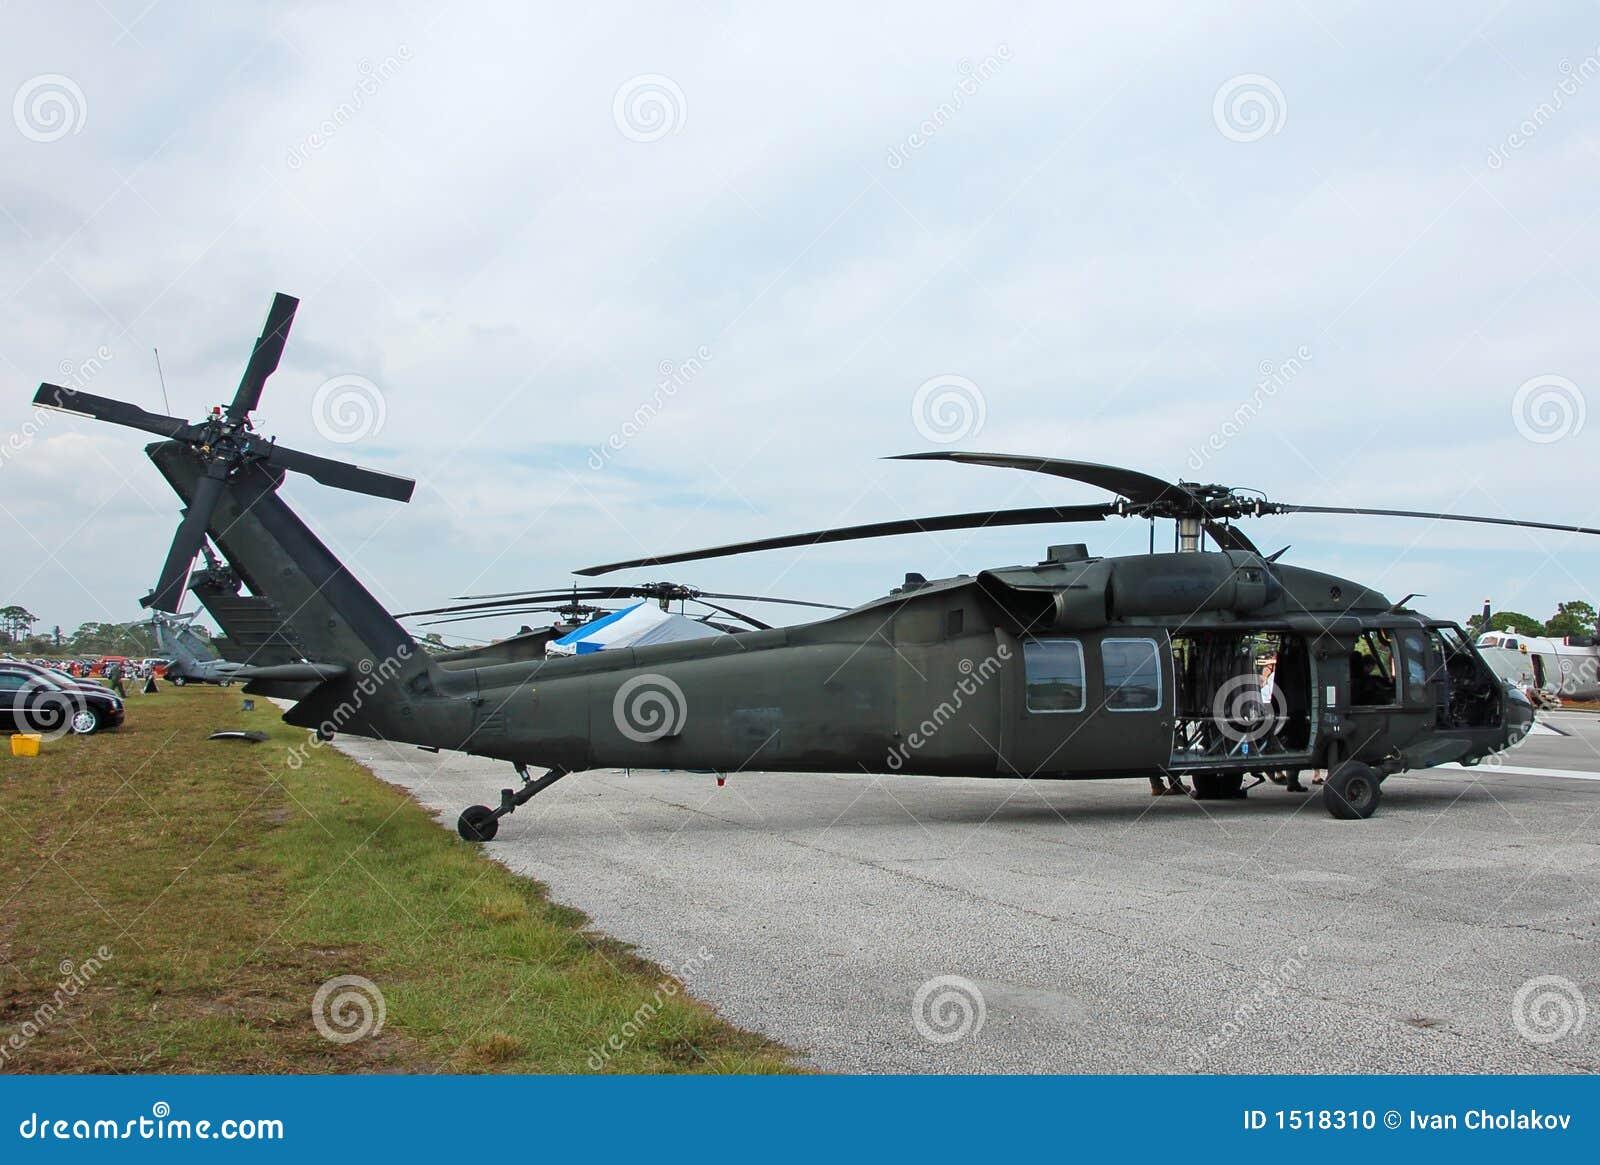 Elicottero Nero : Elicottero nero del falco di sikorsky uh fotografia